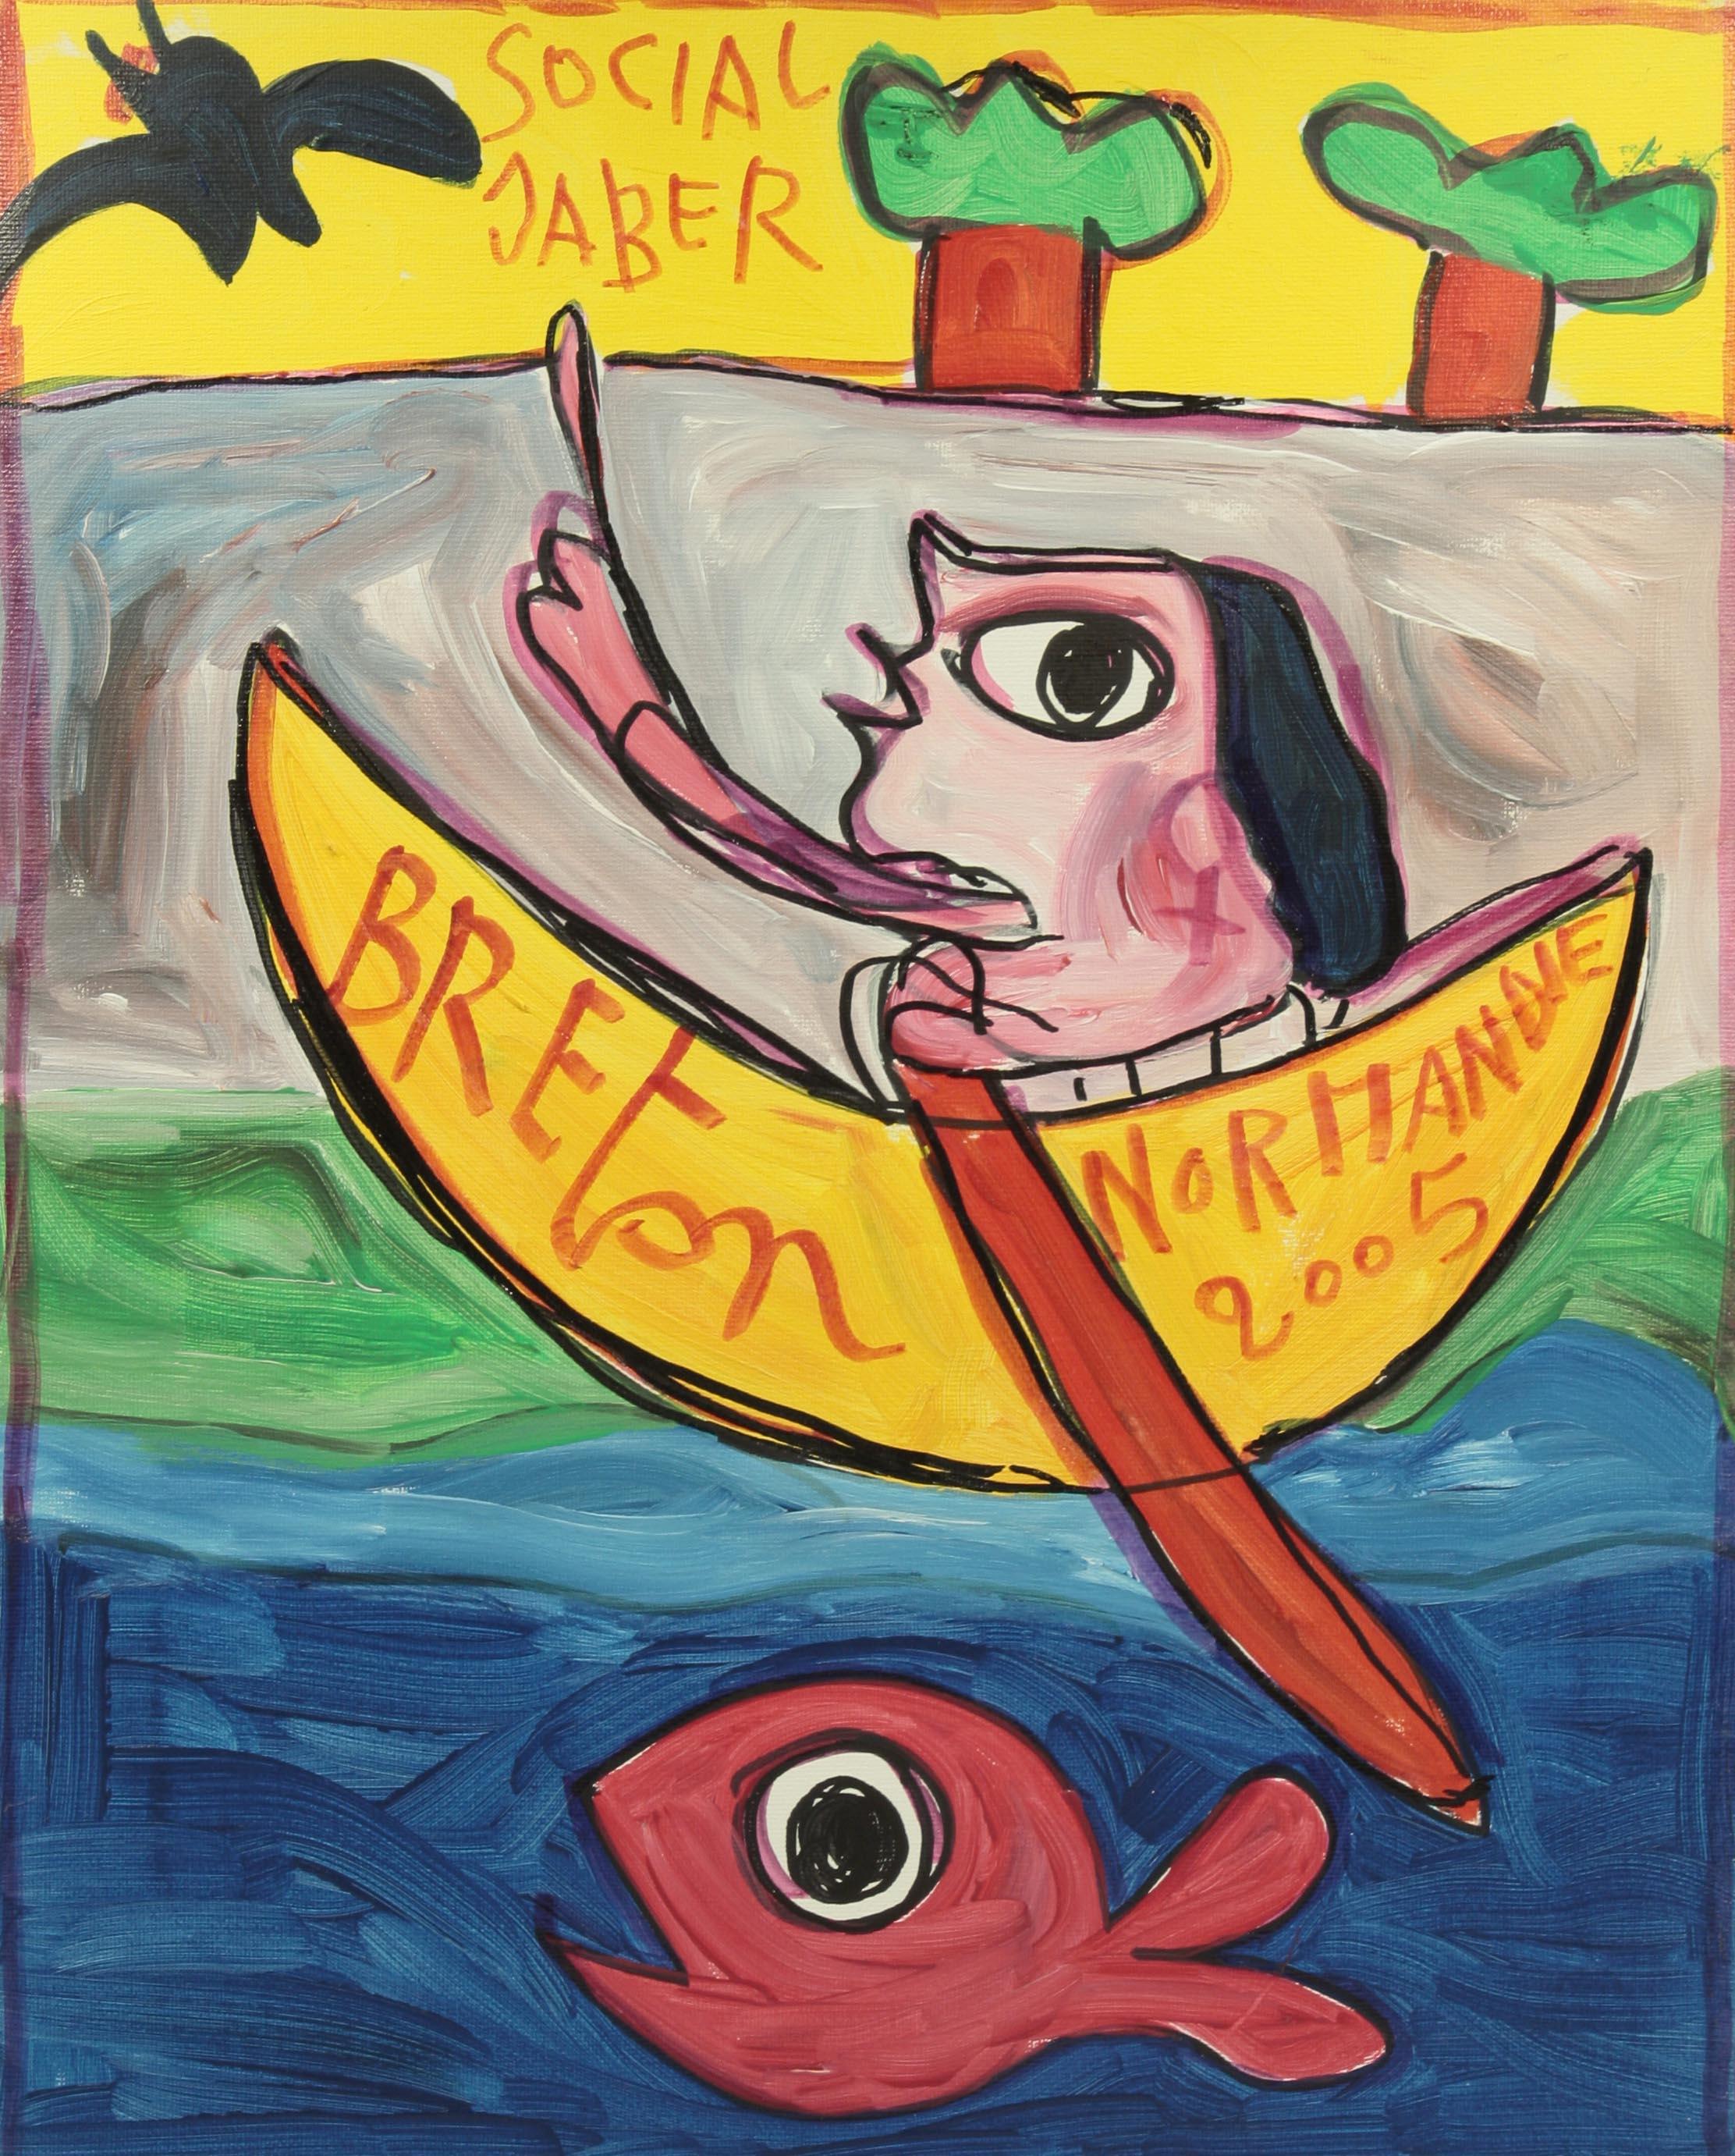 Jaber Breton Normandie Acrylique Sur Toile 2005 150 Galerie